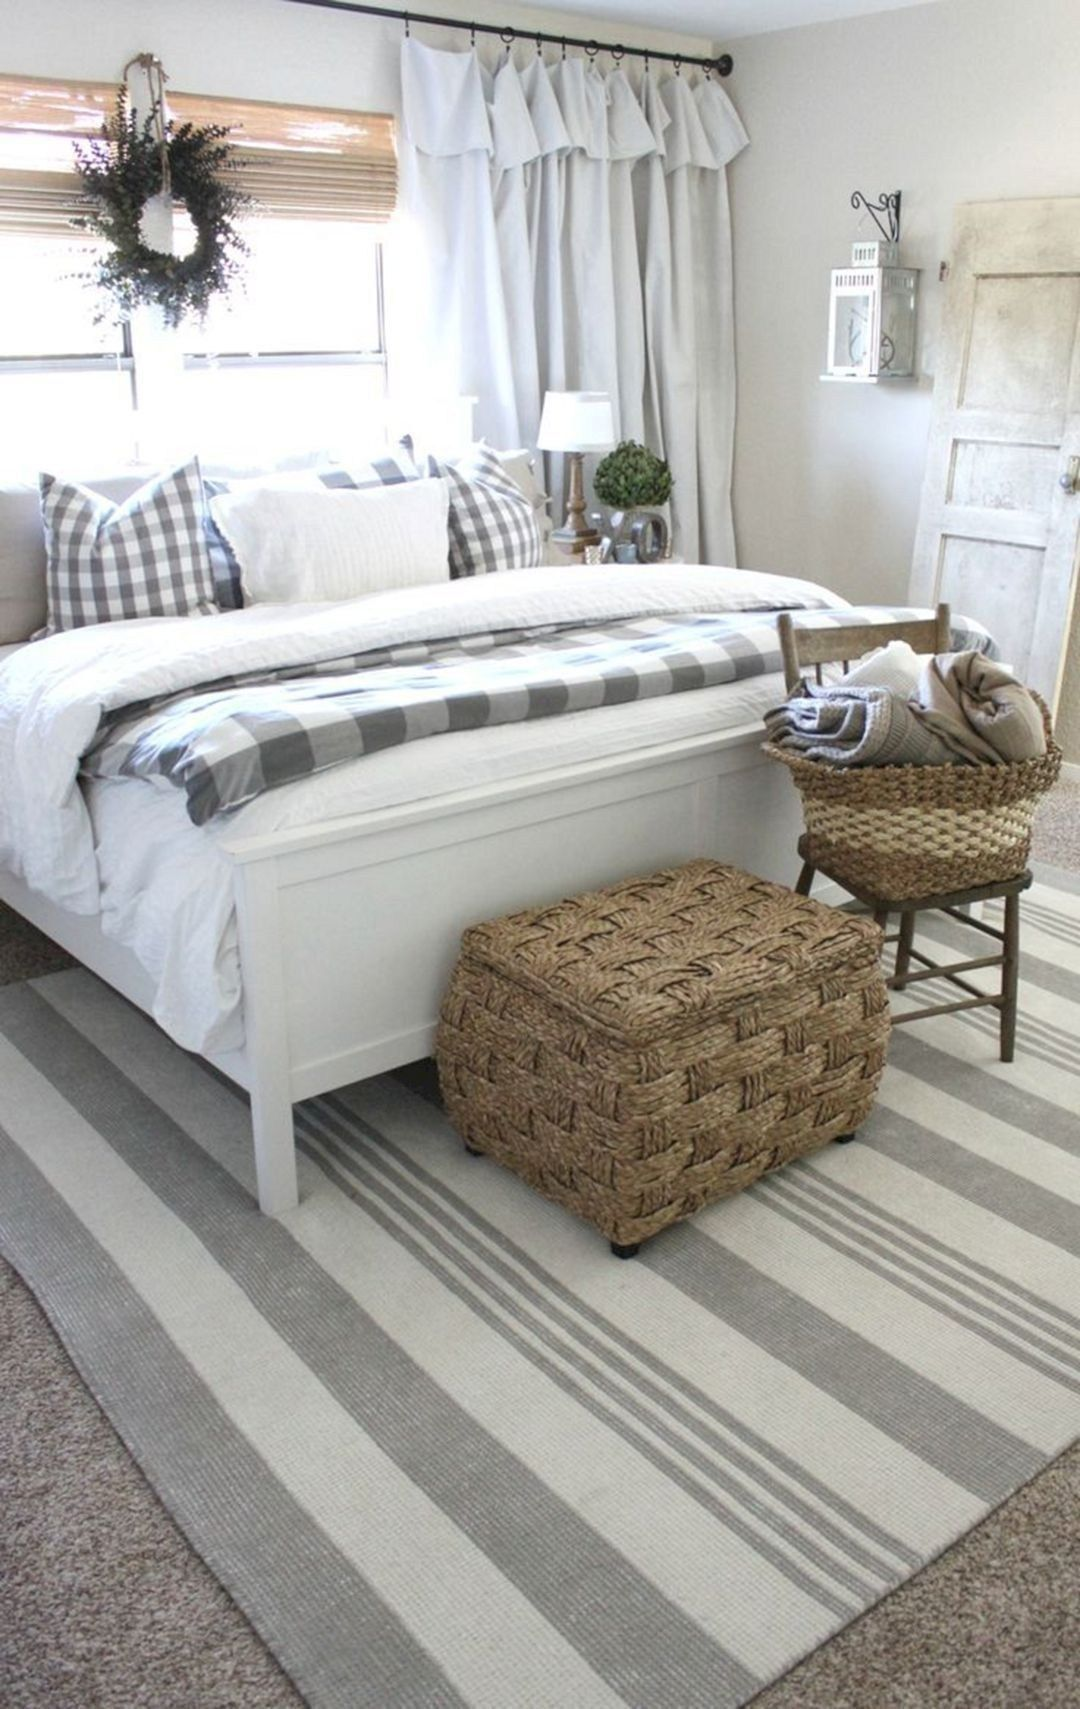 50 Farmhouse Bedroom Decor Ideas Farmhouse Room In 2020